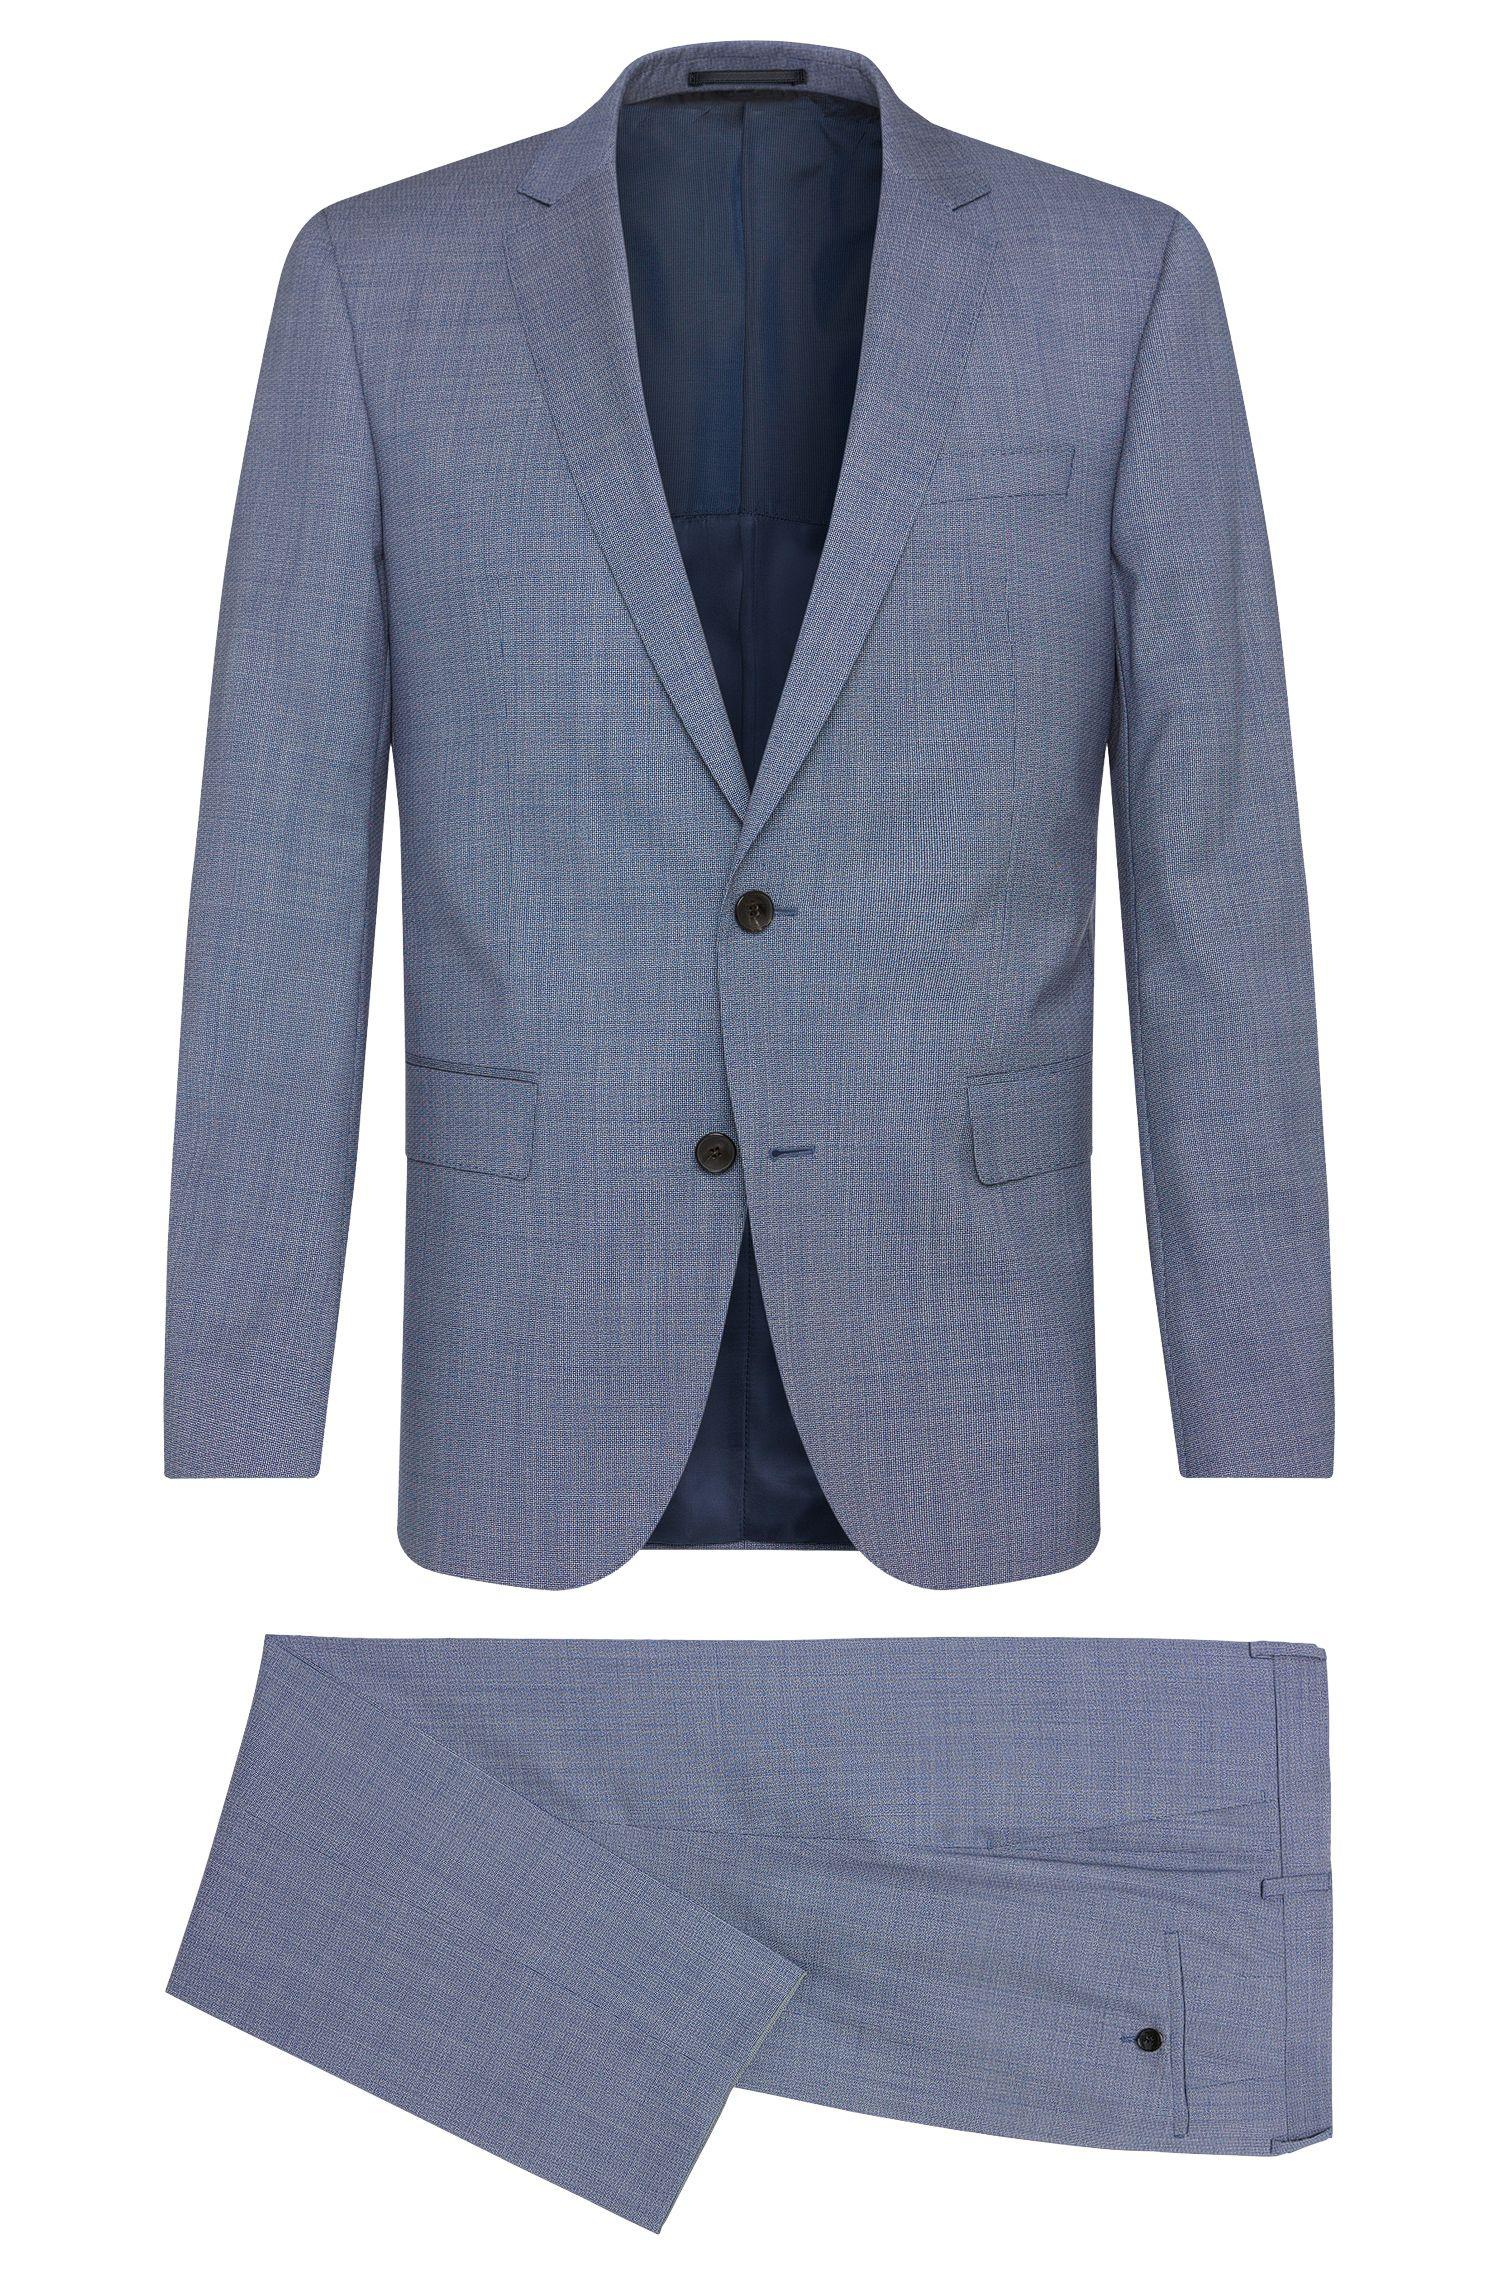 'Huge/Genius' | Slim Fit, Italian Super 130 Virgin Wool Suit